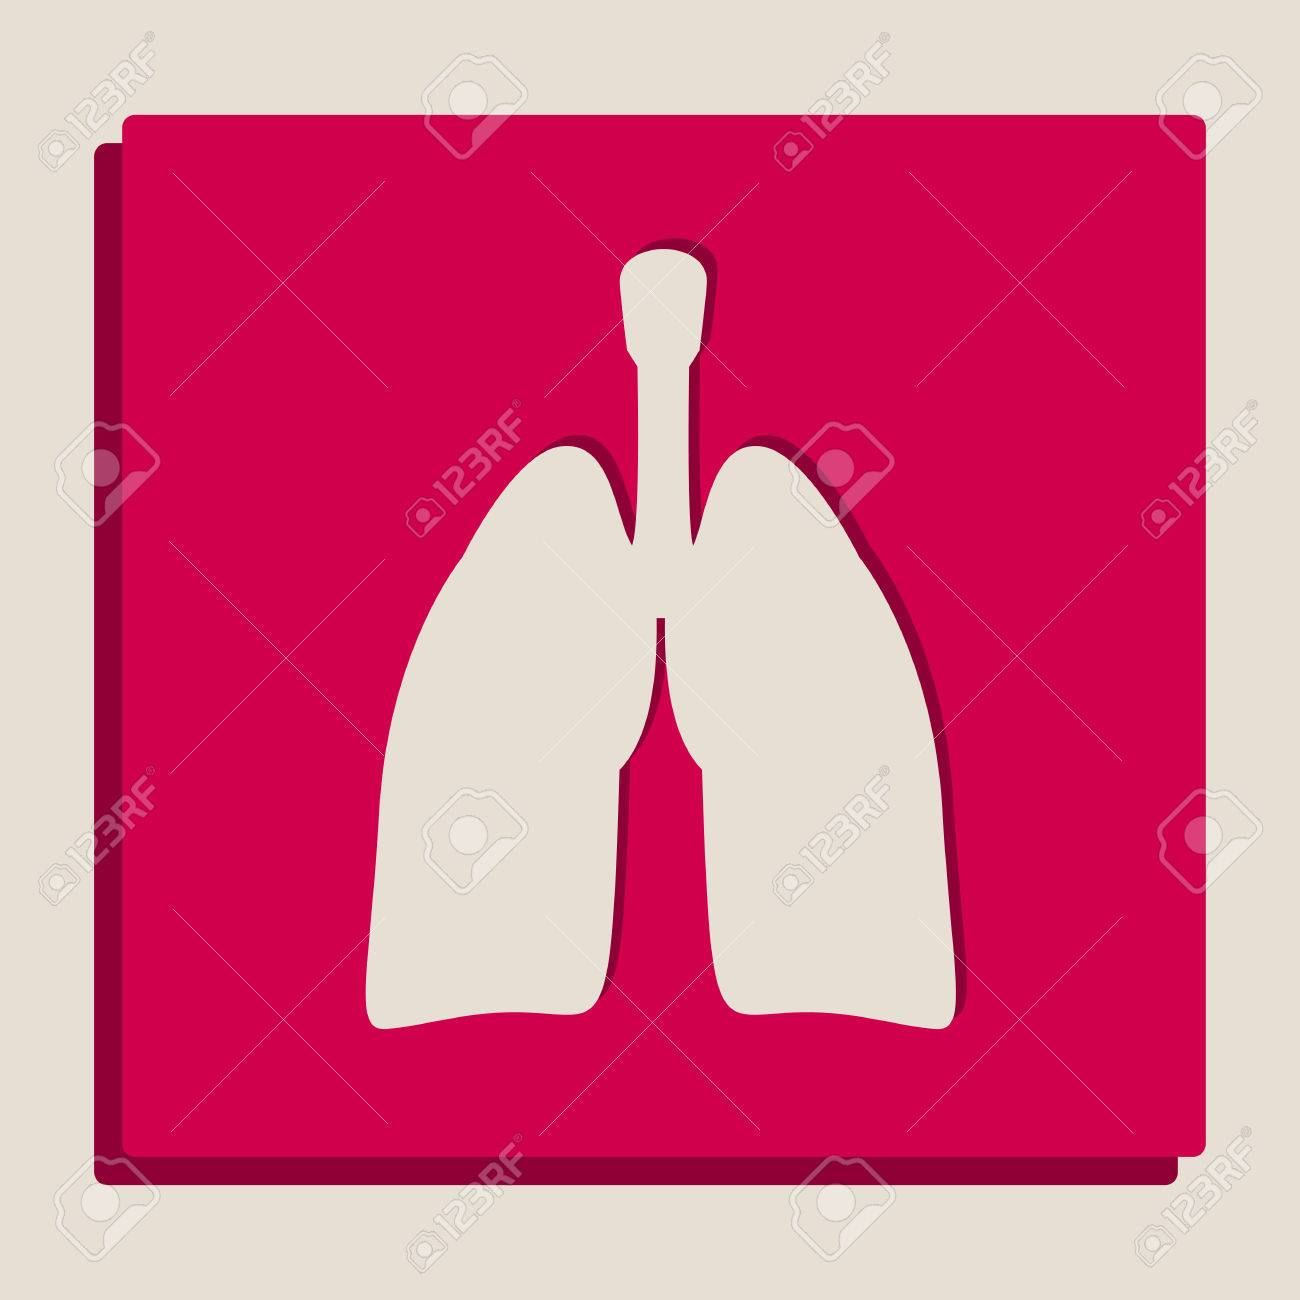 Anatomía Humana. Signo De Los Pulmones. Vector. Versión En Escala De ...